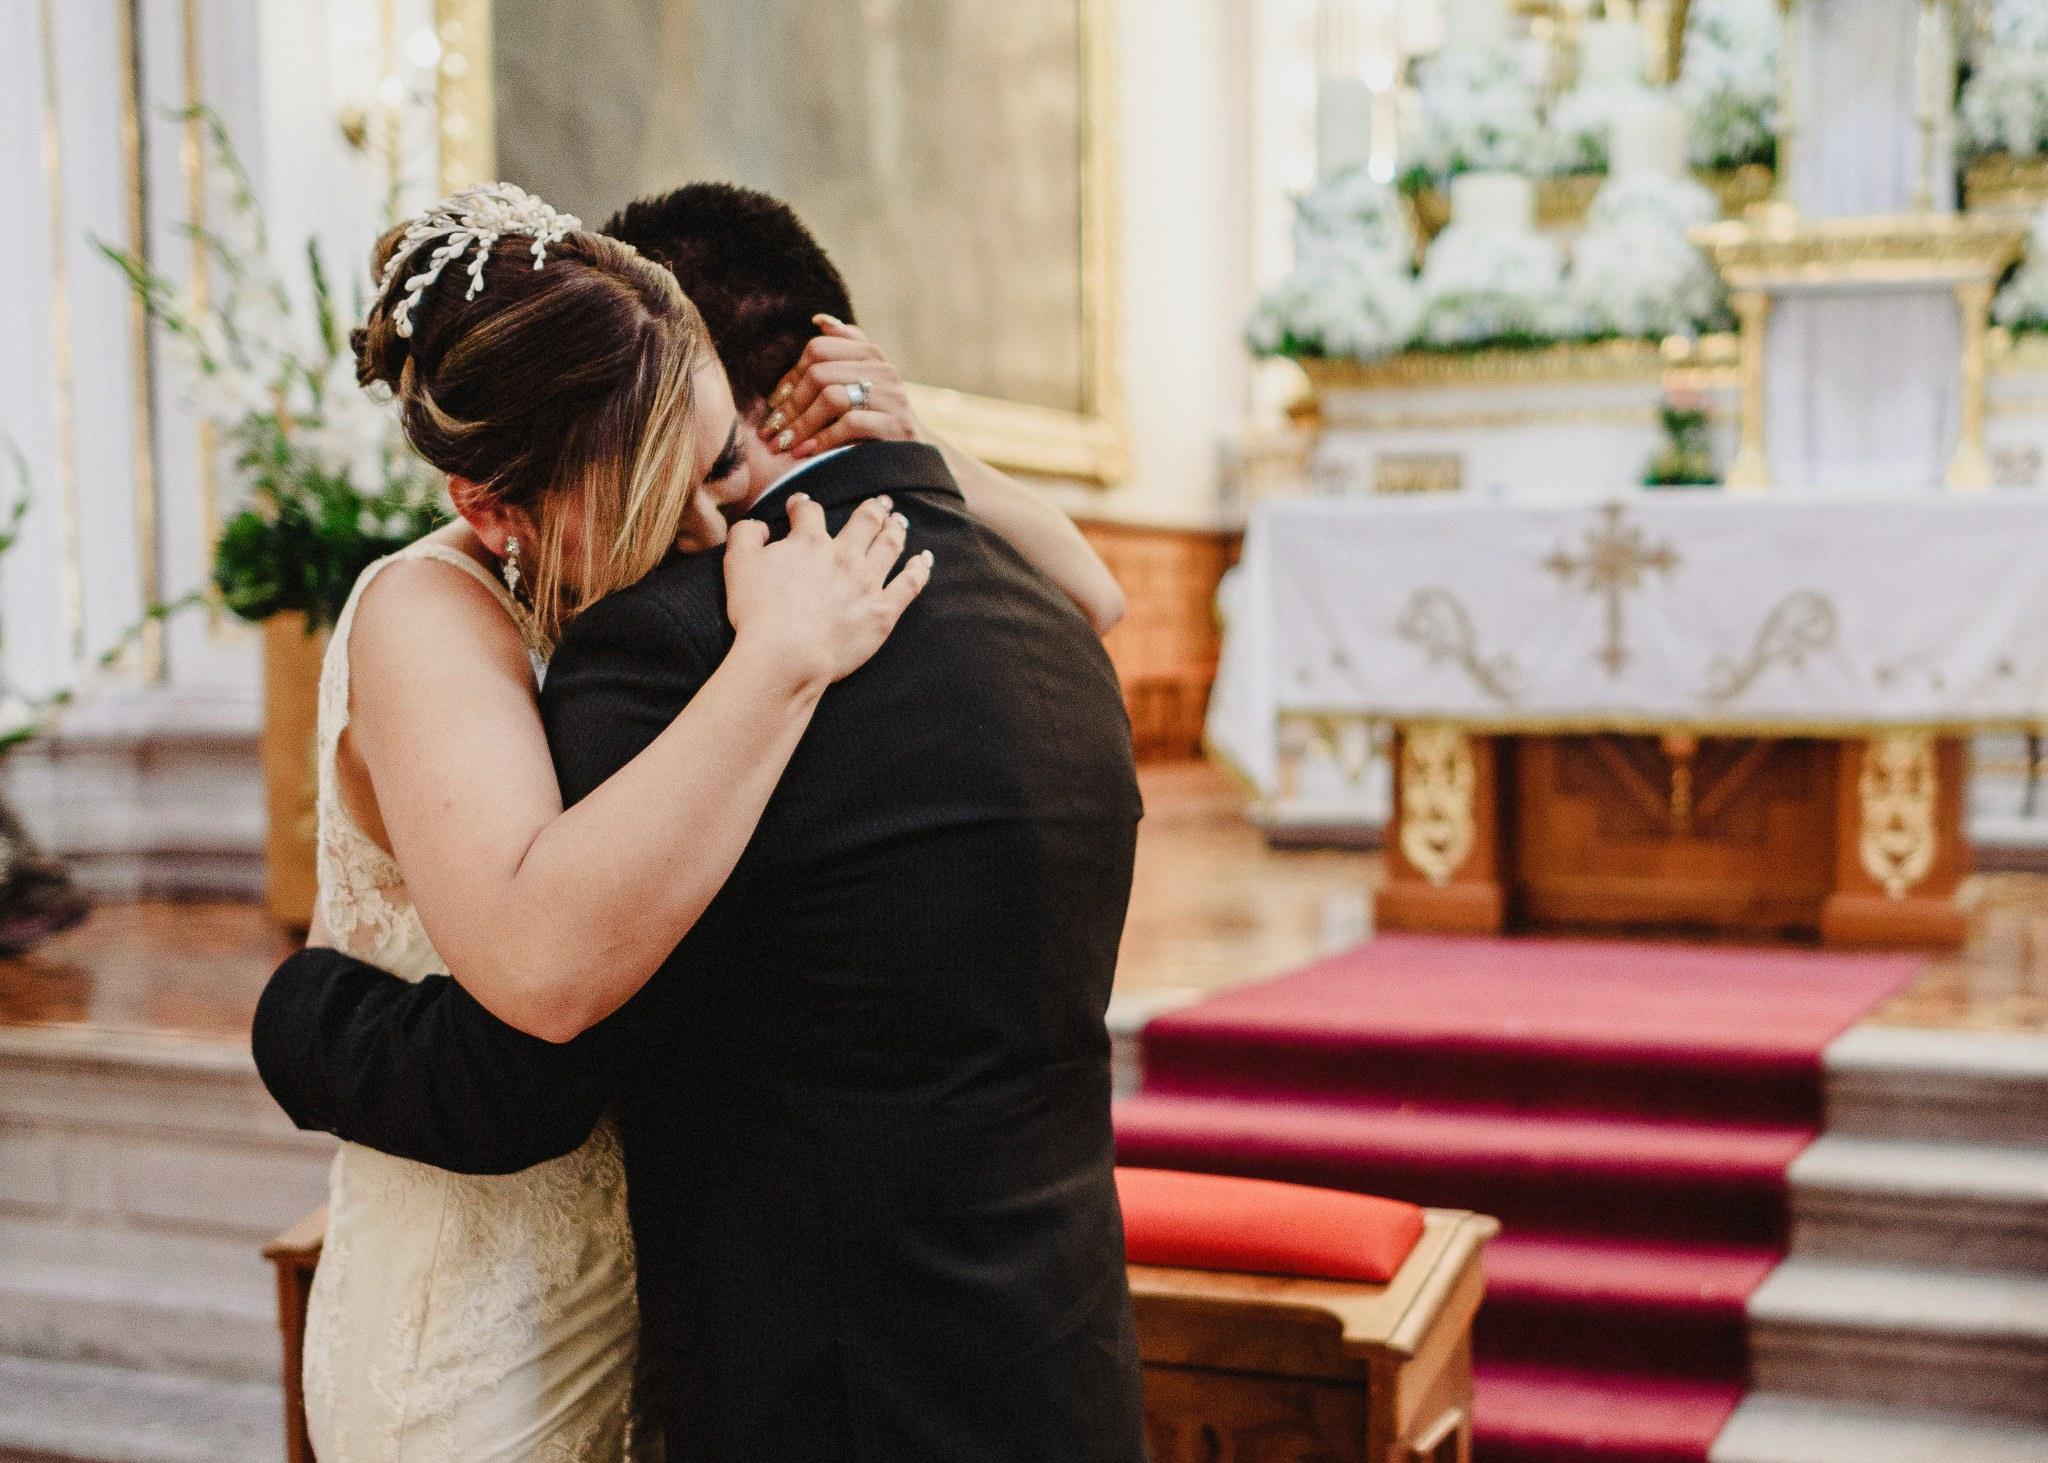 02boda-wedding-ceremonia-templo-barrio-del-encino-aguascalientes-fotografo-luis-houdin69